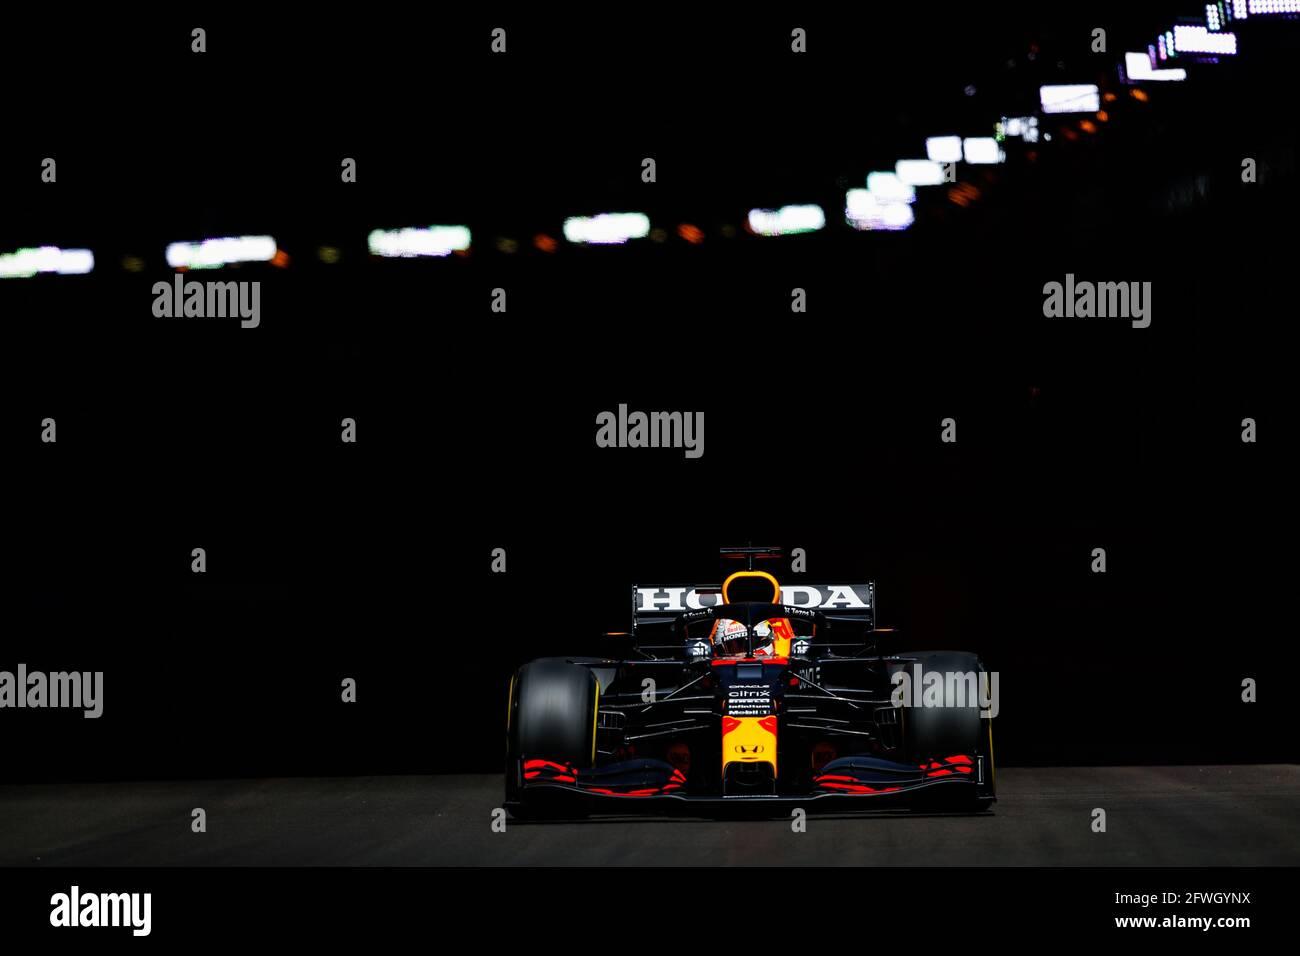 33 VERSTAPPEN Max (nld), Red Bull Racing Honda RB16B, azione durante il Campionato del mondo di Formula uno 2021, Gran Premio di Monaco dal 20 al 23 maggio a Monaco - Foto Florent Gooden / DPPI Foto Stock